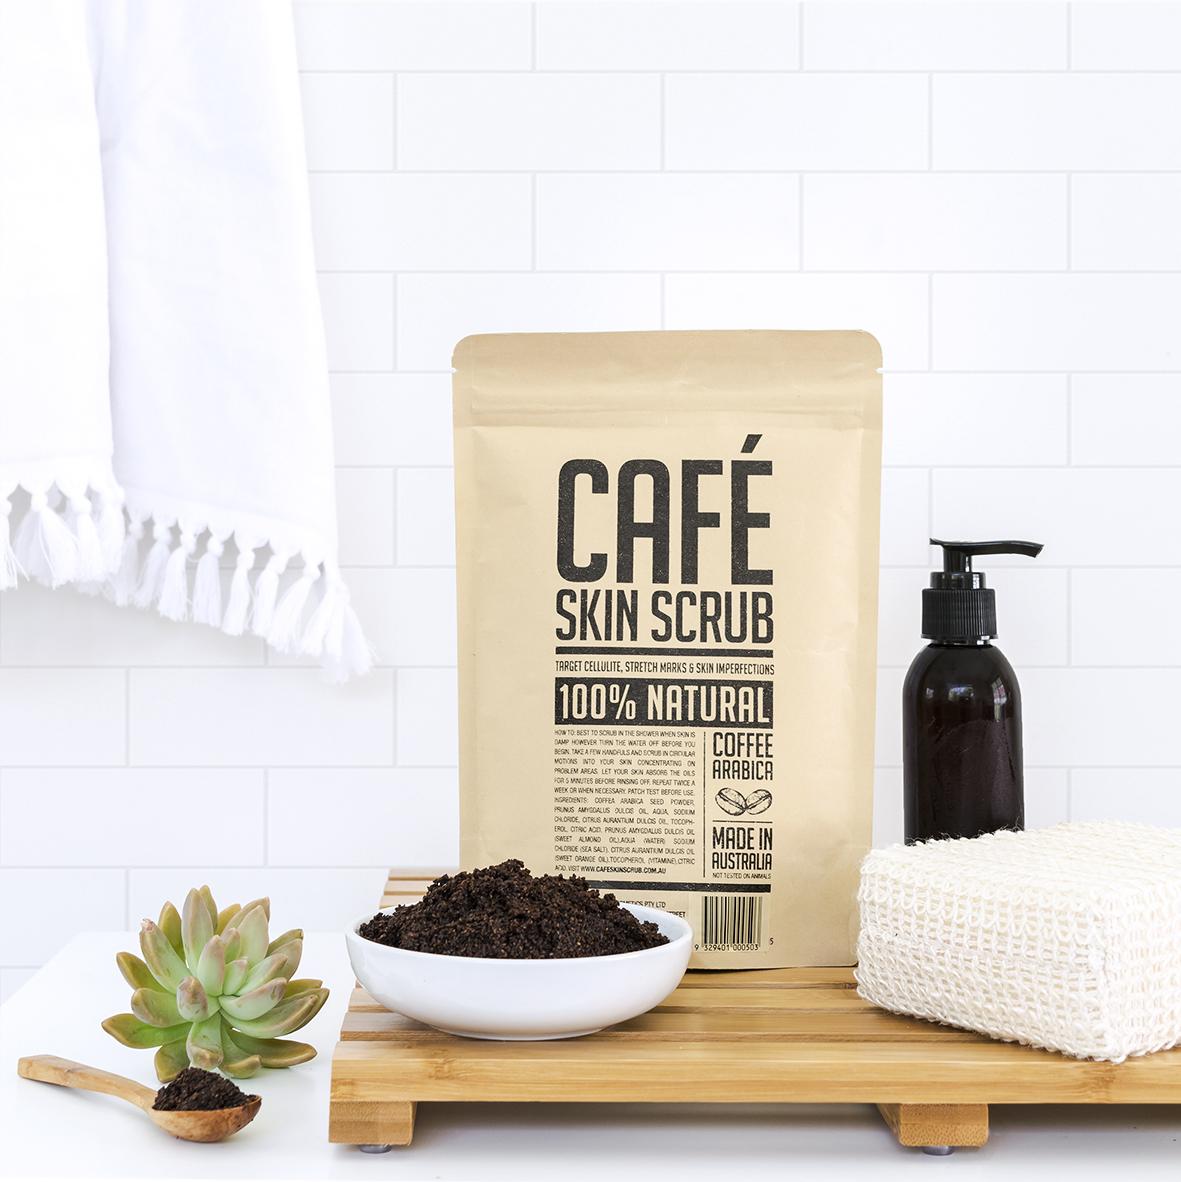 skin scrub bathroom lifestyle product styling